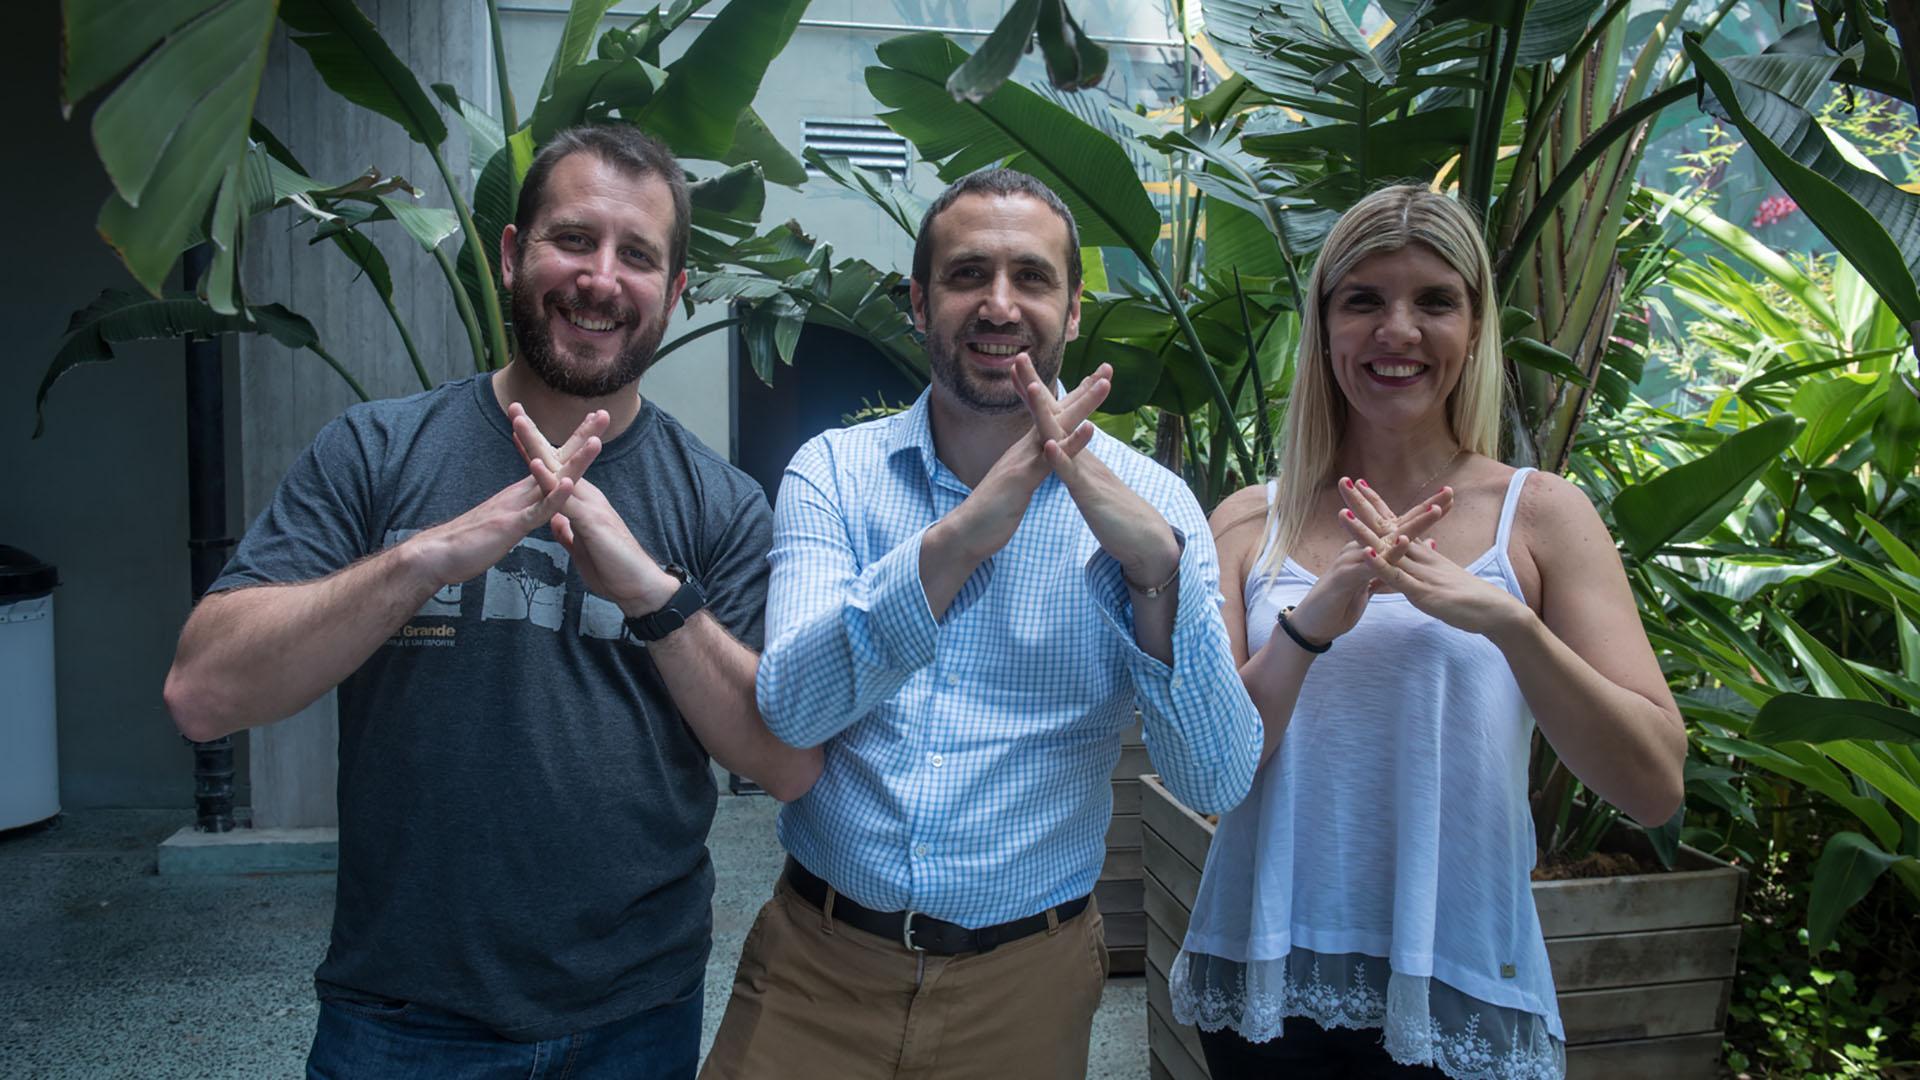 Agata Fornasa, Martín Krzyszkowski y Daniel Cardaci son los creadores de Signalo, una plataforma para traducir lenguaje de señas que fue ganadora del desafío Google.org.